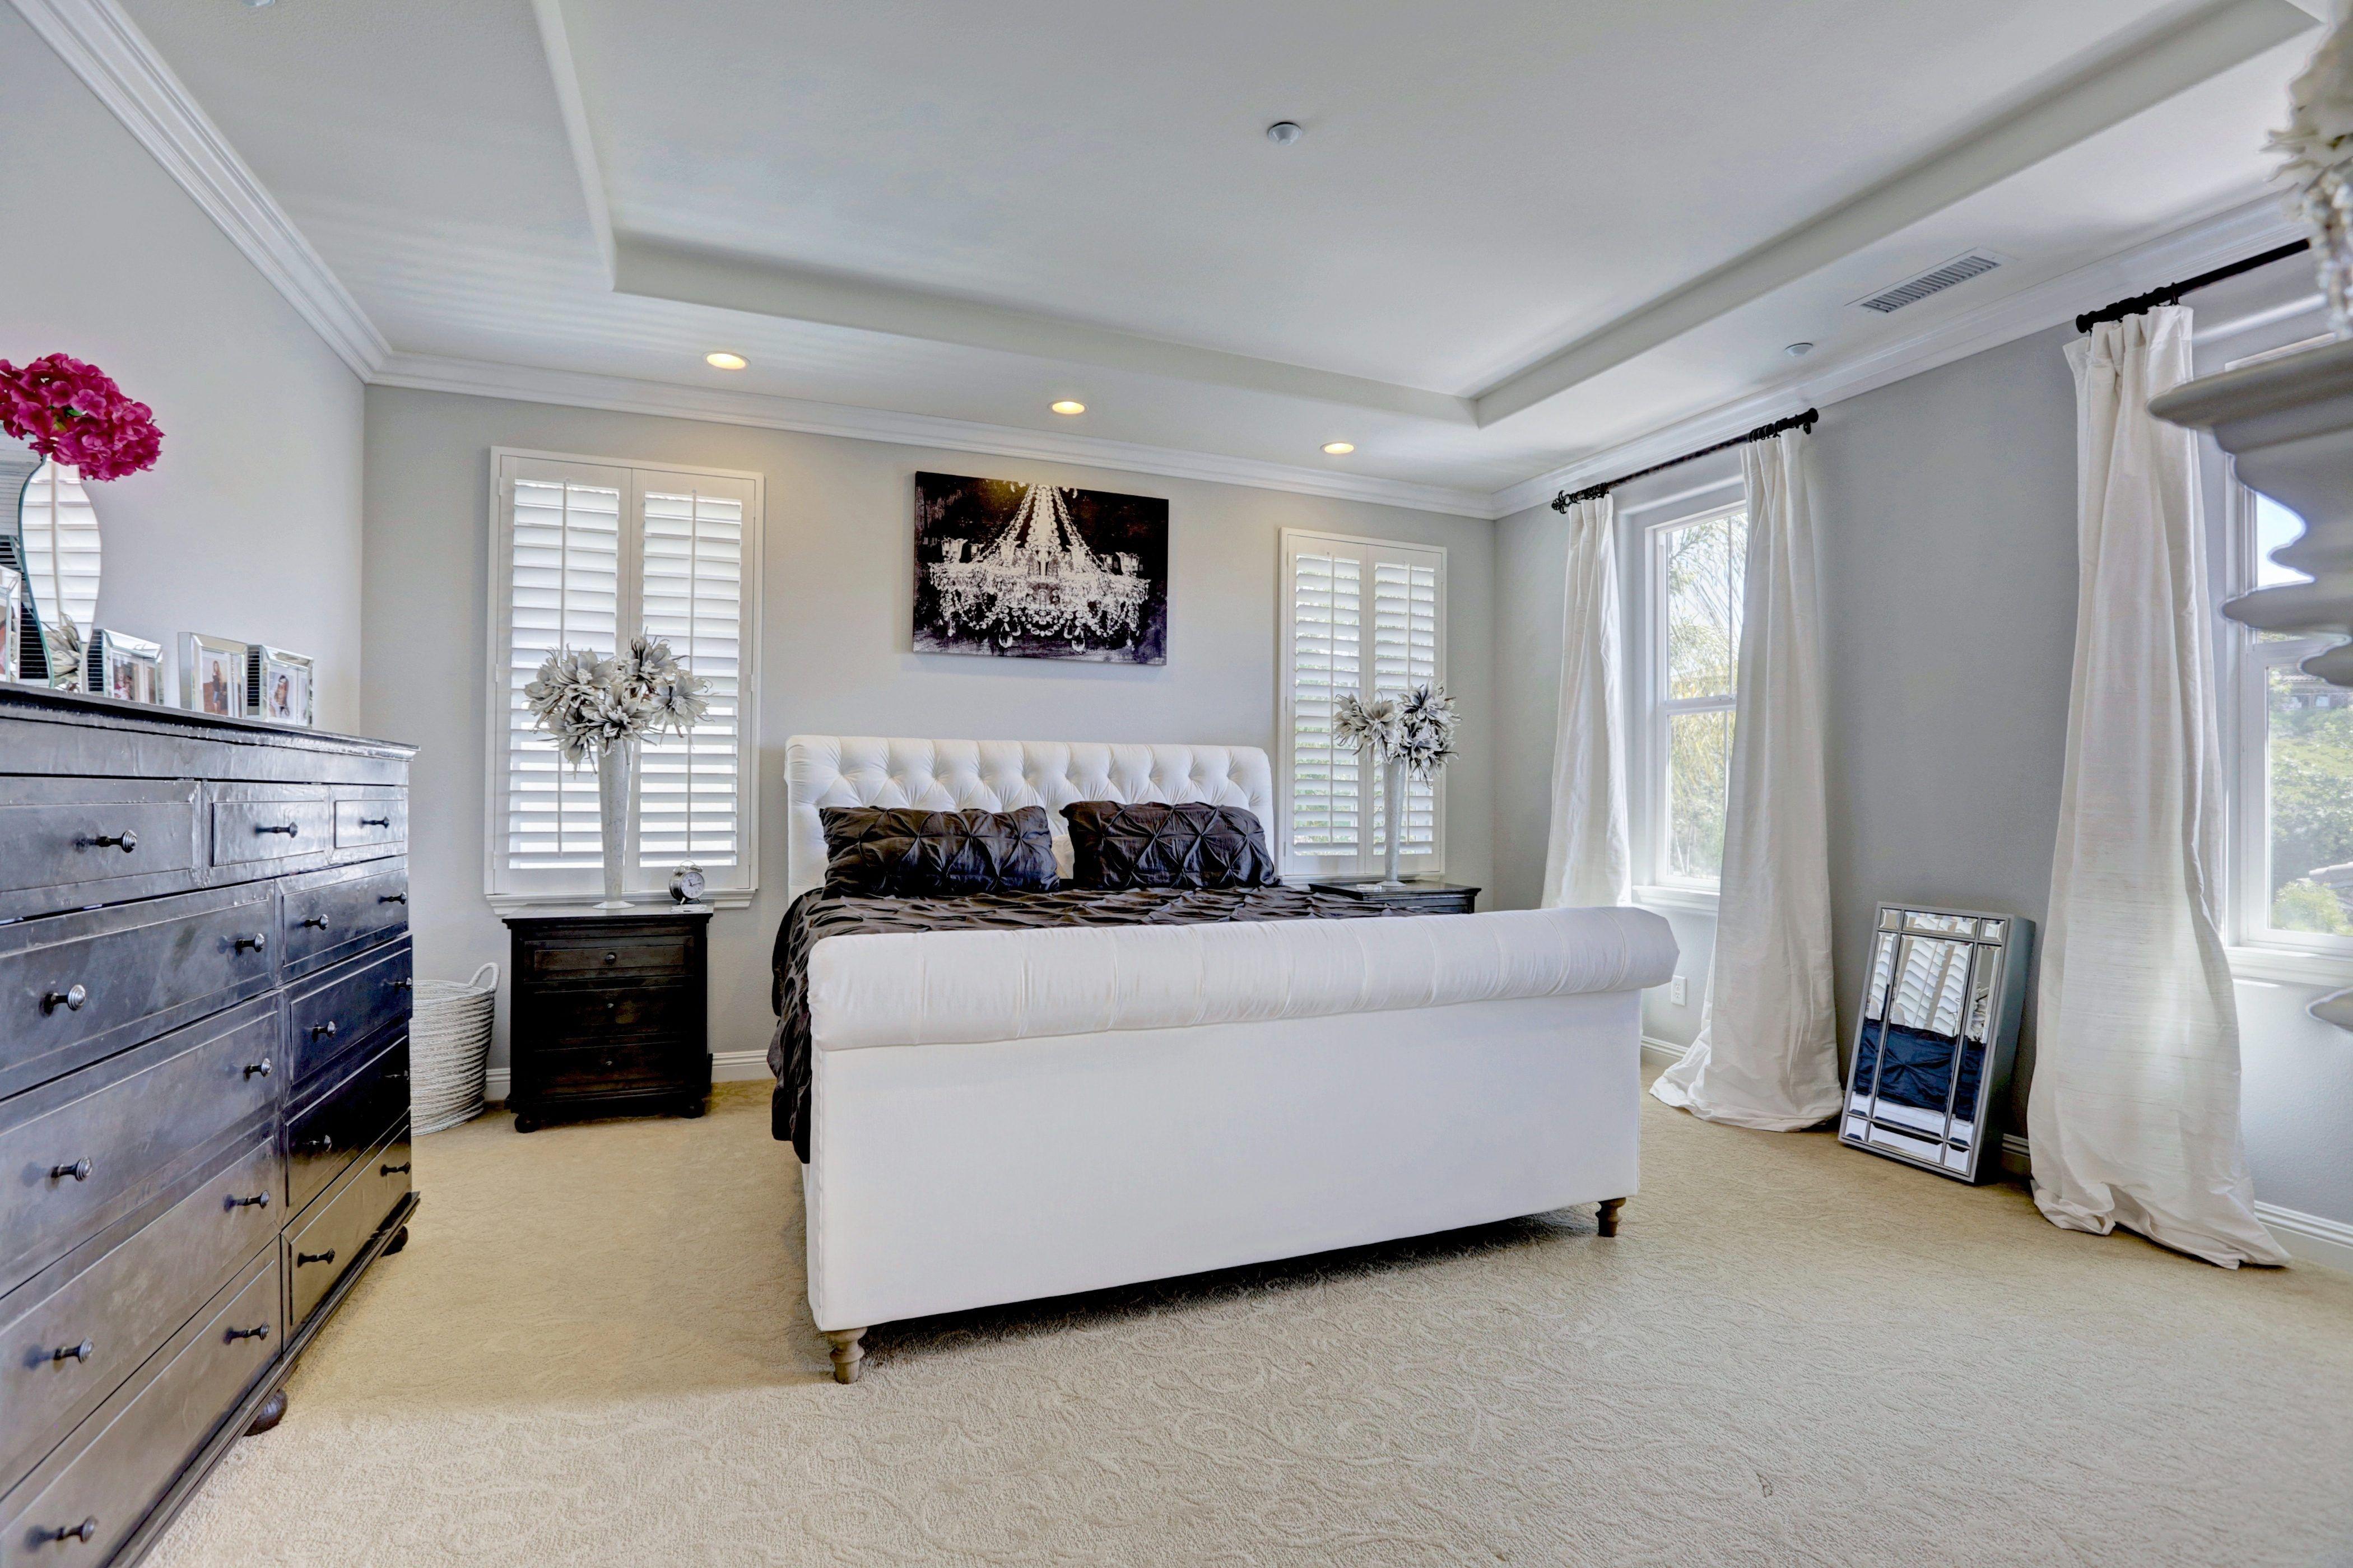 Moderne Schlafzimmer Beleuchtung Ideen Decken Beleuchtung